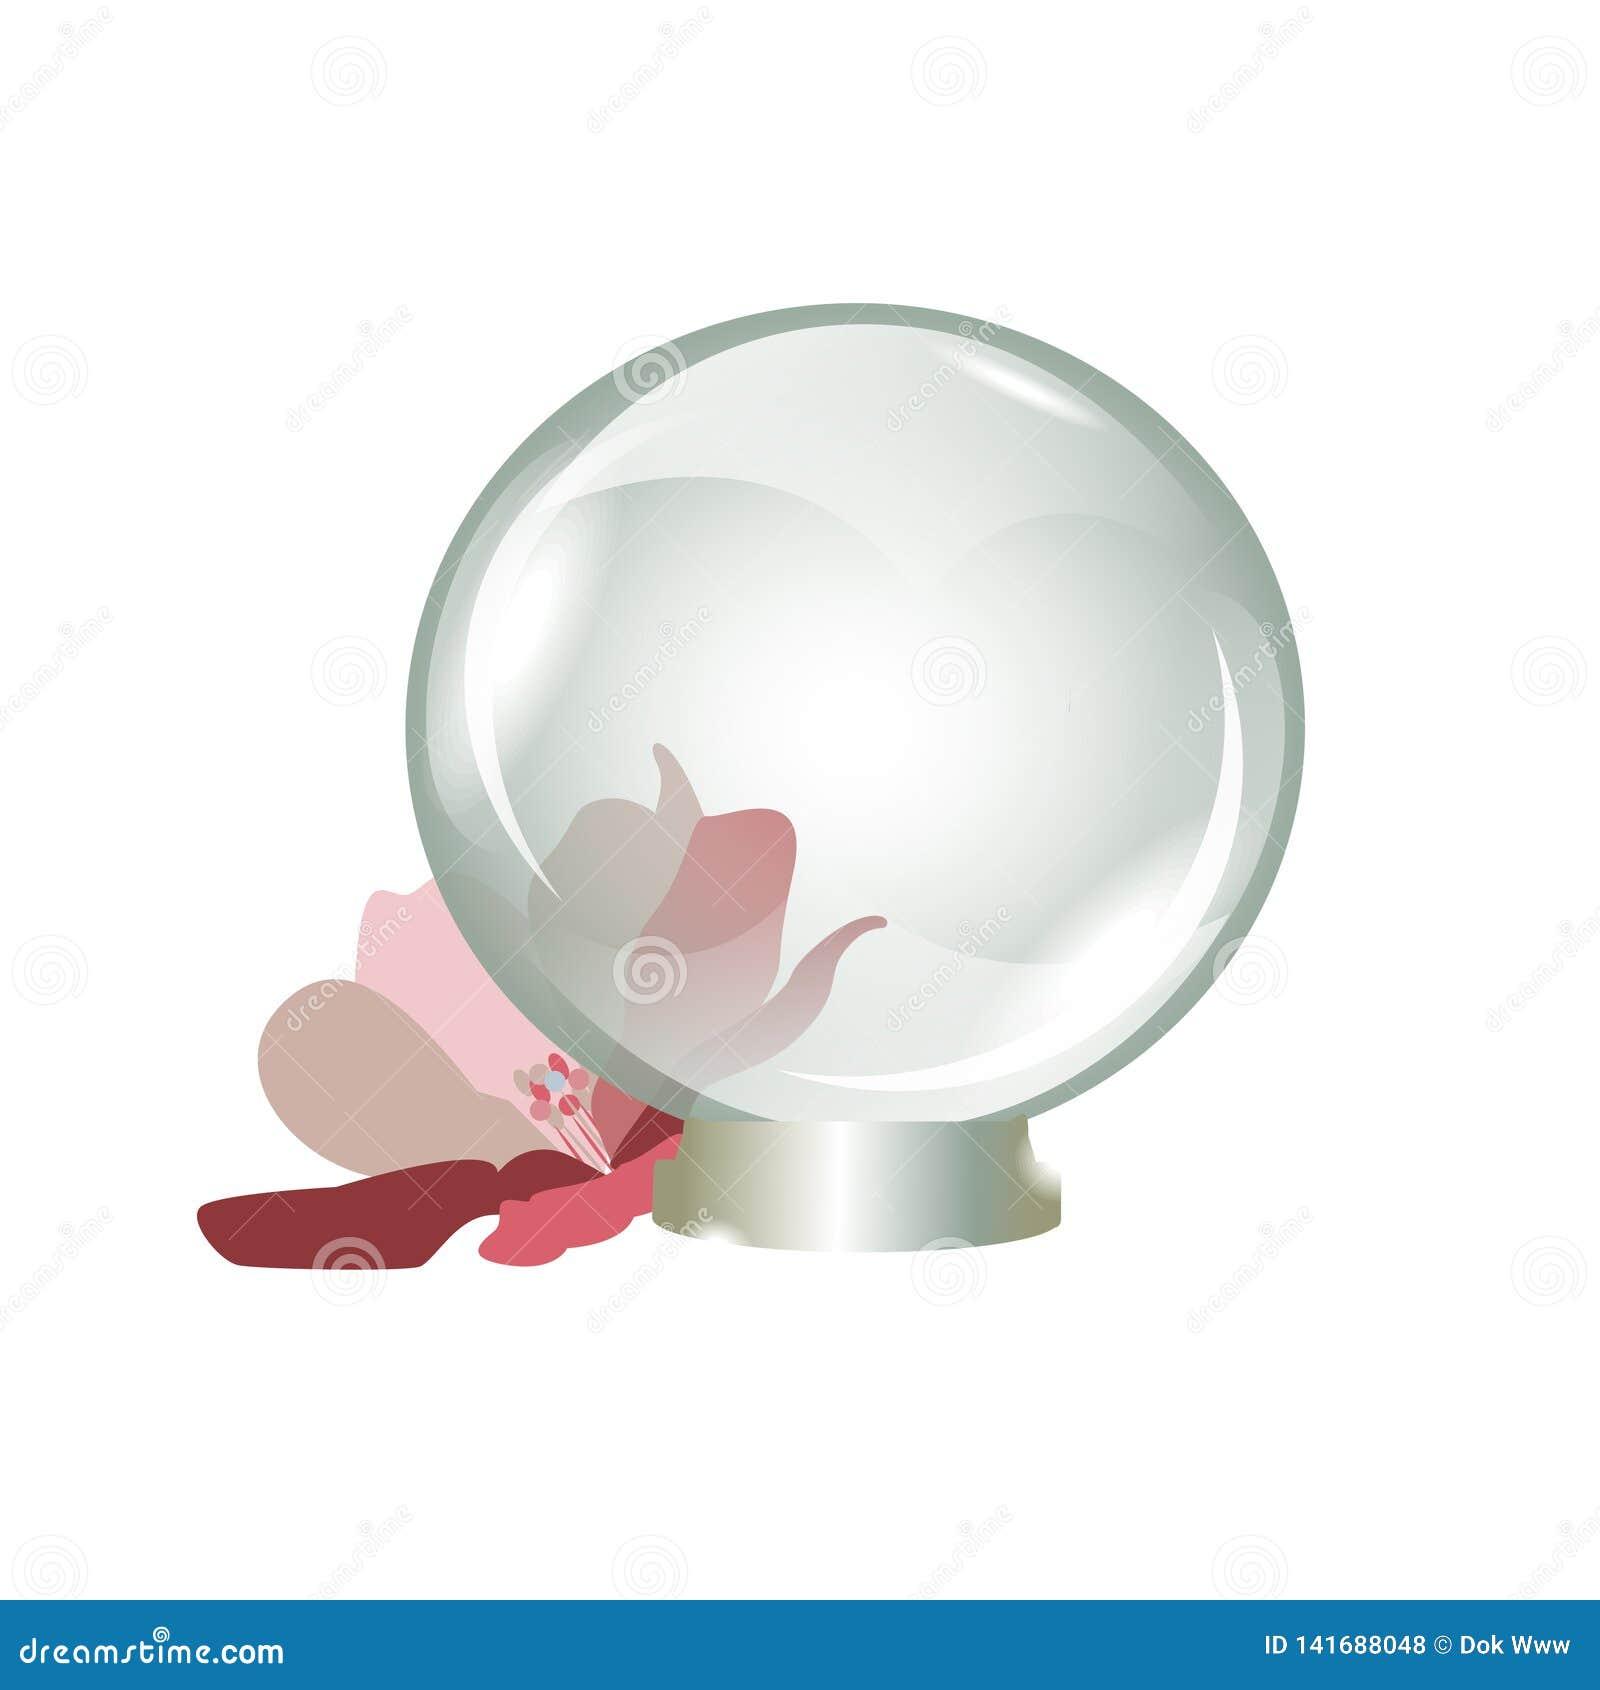 transparent glass ball souvenir beautiful gift